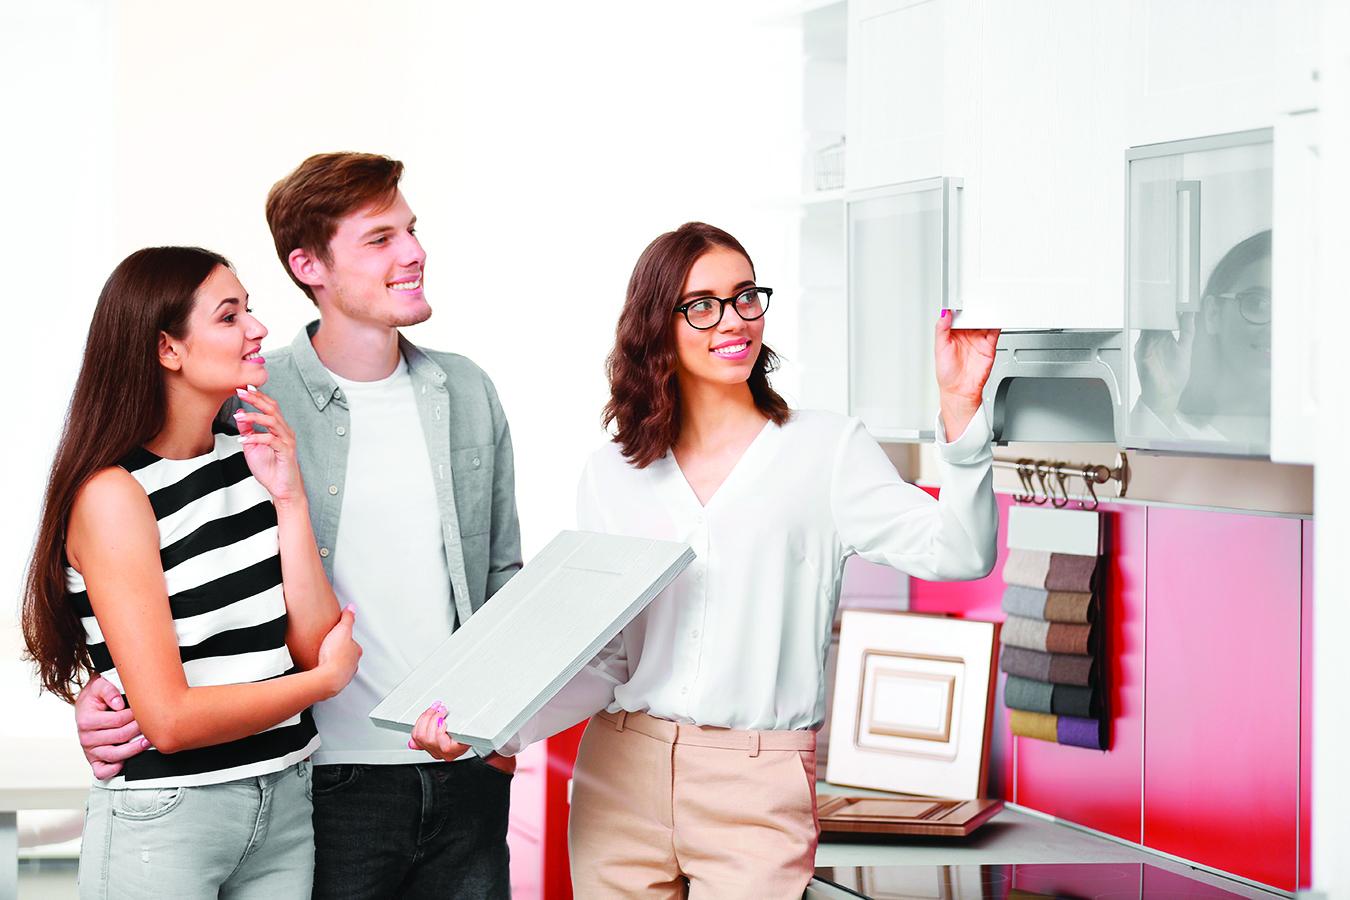 聘請廚房設計公司還是建築師? 大多數廚房設計師都是各自領域的專家,他們具有最新的產品知識和設計能力,也清楚廚房佈局的概念。選擇一個有室內設計經驗的廚房設計師,可以讓你獲得一個完備的方案。 而建築師由於其專業領域較廣,通常會著重於更大的圖景,包含建築設計的藝術和科學性。如果你有一個開放式廚房,並且也打算翻修家中的其它房間和區域,那麼與建築師進行初步的諮詢也許是值得的。 其實,即使是一次性的廚房裝修,請一位建築師也不失為一個好主意。建築師的設計不是千篇一律的,他們沒有銷售特定產品的壓力,因此可能可以提供你更好的設計方案。 有些廚房設計師受僱於廚房製造公司,因此你也可以通過廚房製造公司預約他們的服務。廚房製造公司通常會有最新的材料、飾面、佈局創意和調色板,但一旦你選擇了特定的公司,你就只能購買那家公司提供的產品。 在面見設計師時,客戶通常會被要求交納少量費用,如果你繼續與之合作,這將是廚房費用的一部份。這通常只是設計的服務費,不包括建造時的費用。 另外,也有許多廚房設計師是獨立作業的,他們也可以提供全套服務。廚房設計師的工作不是依樣畫葫蘆,而是要創造一個超越客戶想像,且獨具匠心的訂製廚房。 客戶最喜歡的往往是最終設計中那些與眾不同的獨特之處。廚房設計師會提供包括完整說明在內的整套工作圖紙和所有文檔,之後,任何想承接裝修的人都可以依此報價。 優秀的設計師除了提供實用的設計解決方案和無壓力的翻新體驗外,還能幫助客戶避免代價高昂的錯誤。 比如,客戶可能沒有意識到,二元聚氨酯面漆(烤漆)的櫃門對有幼兒的家庭來說可能不是最好的選擇。尤其如果櫃門總是被敲擊,其表面易花且門邊容易崩裂。◇